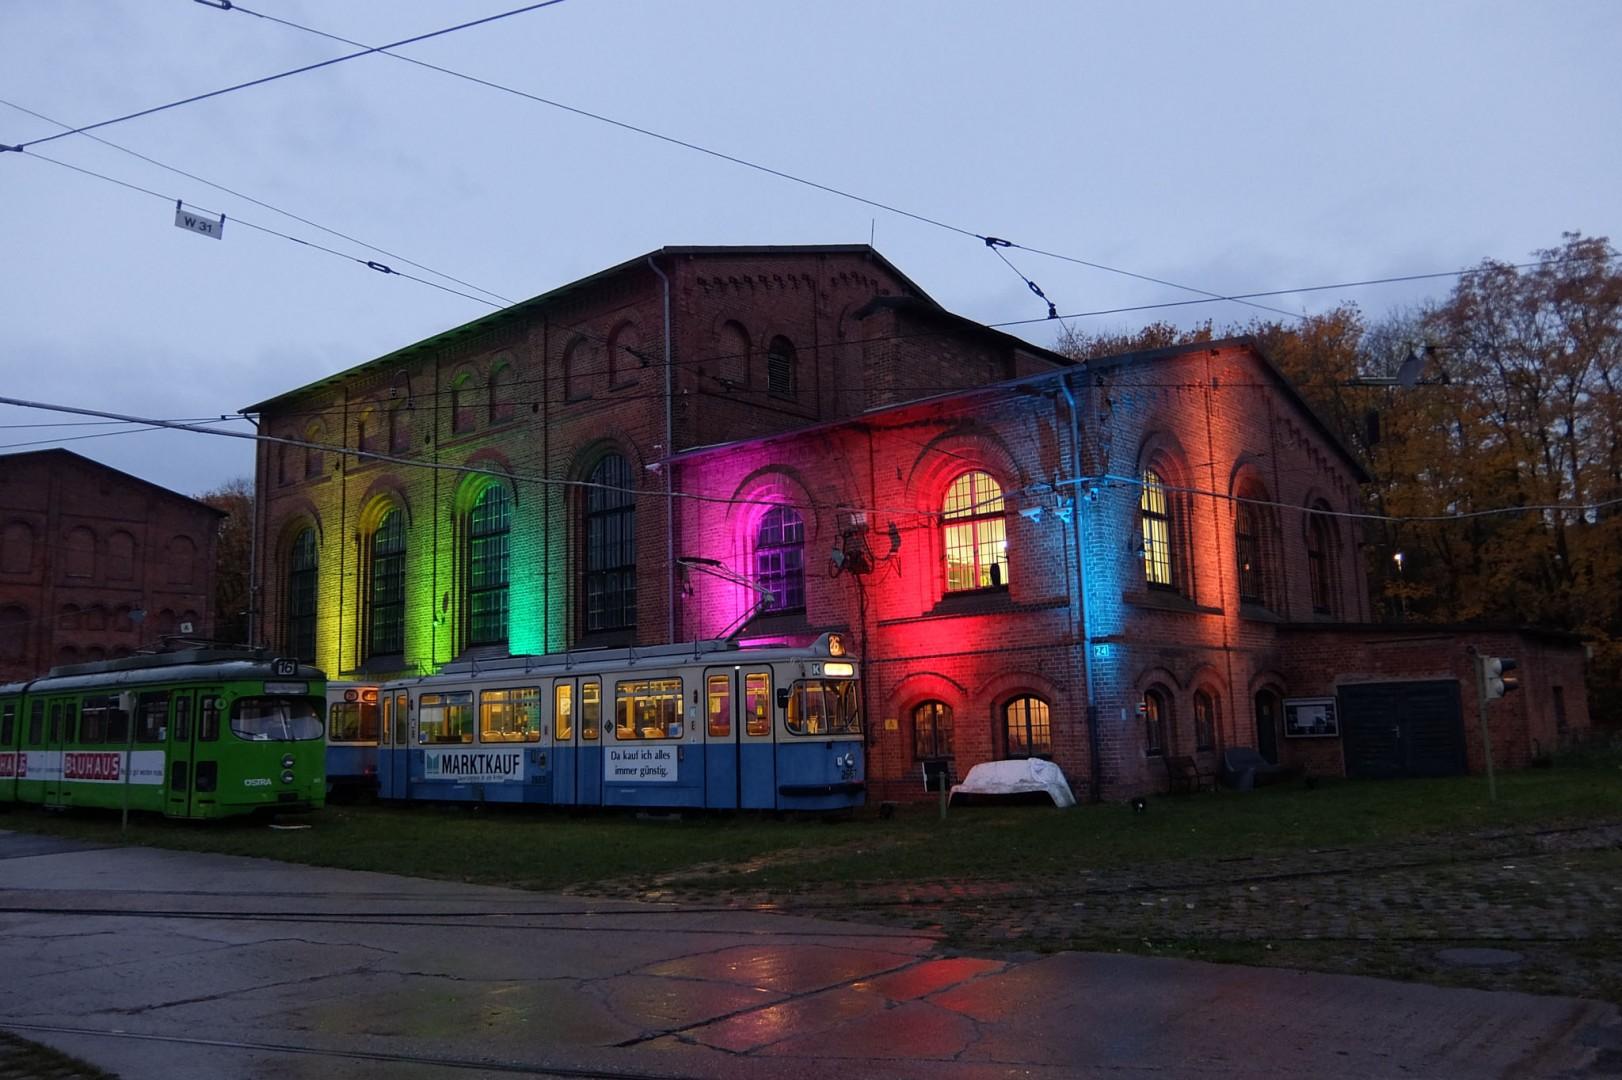 Besondere Lichtinstallationen lassen die historischen Kaligebäude farbig erstrahlen.